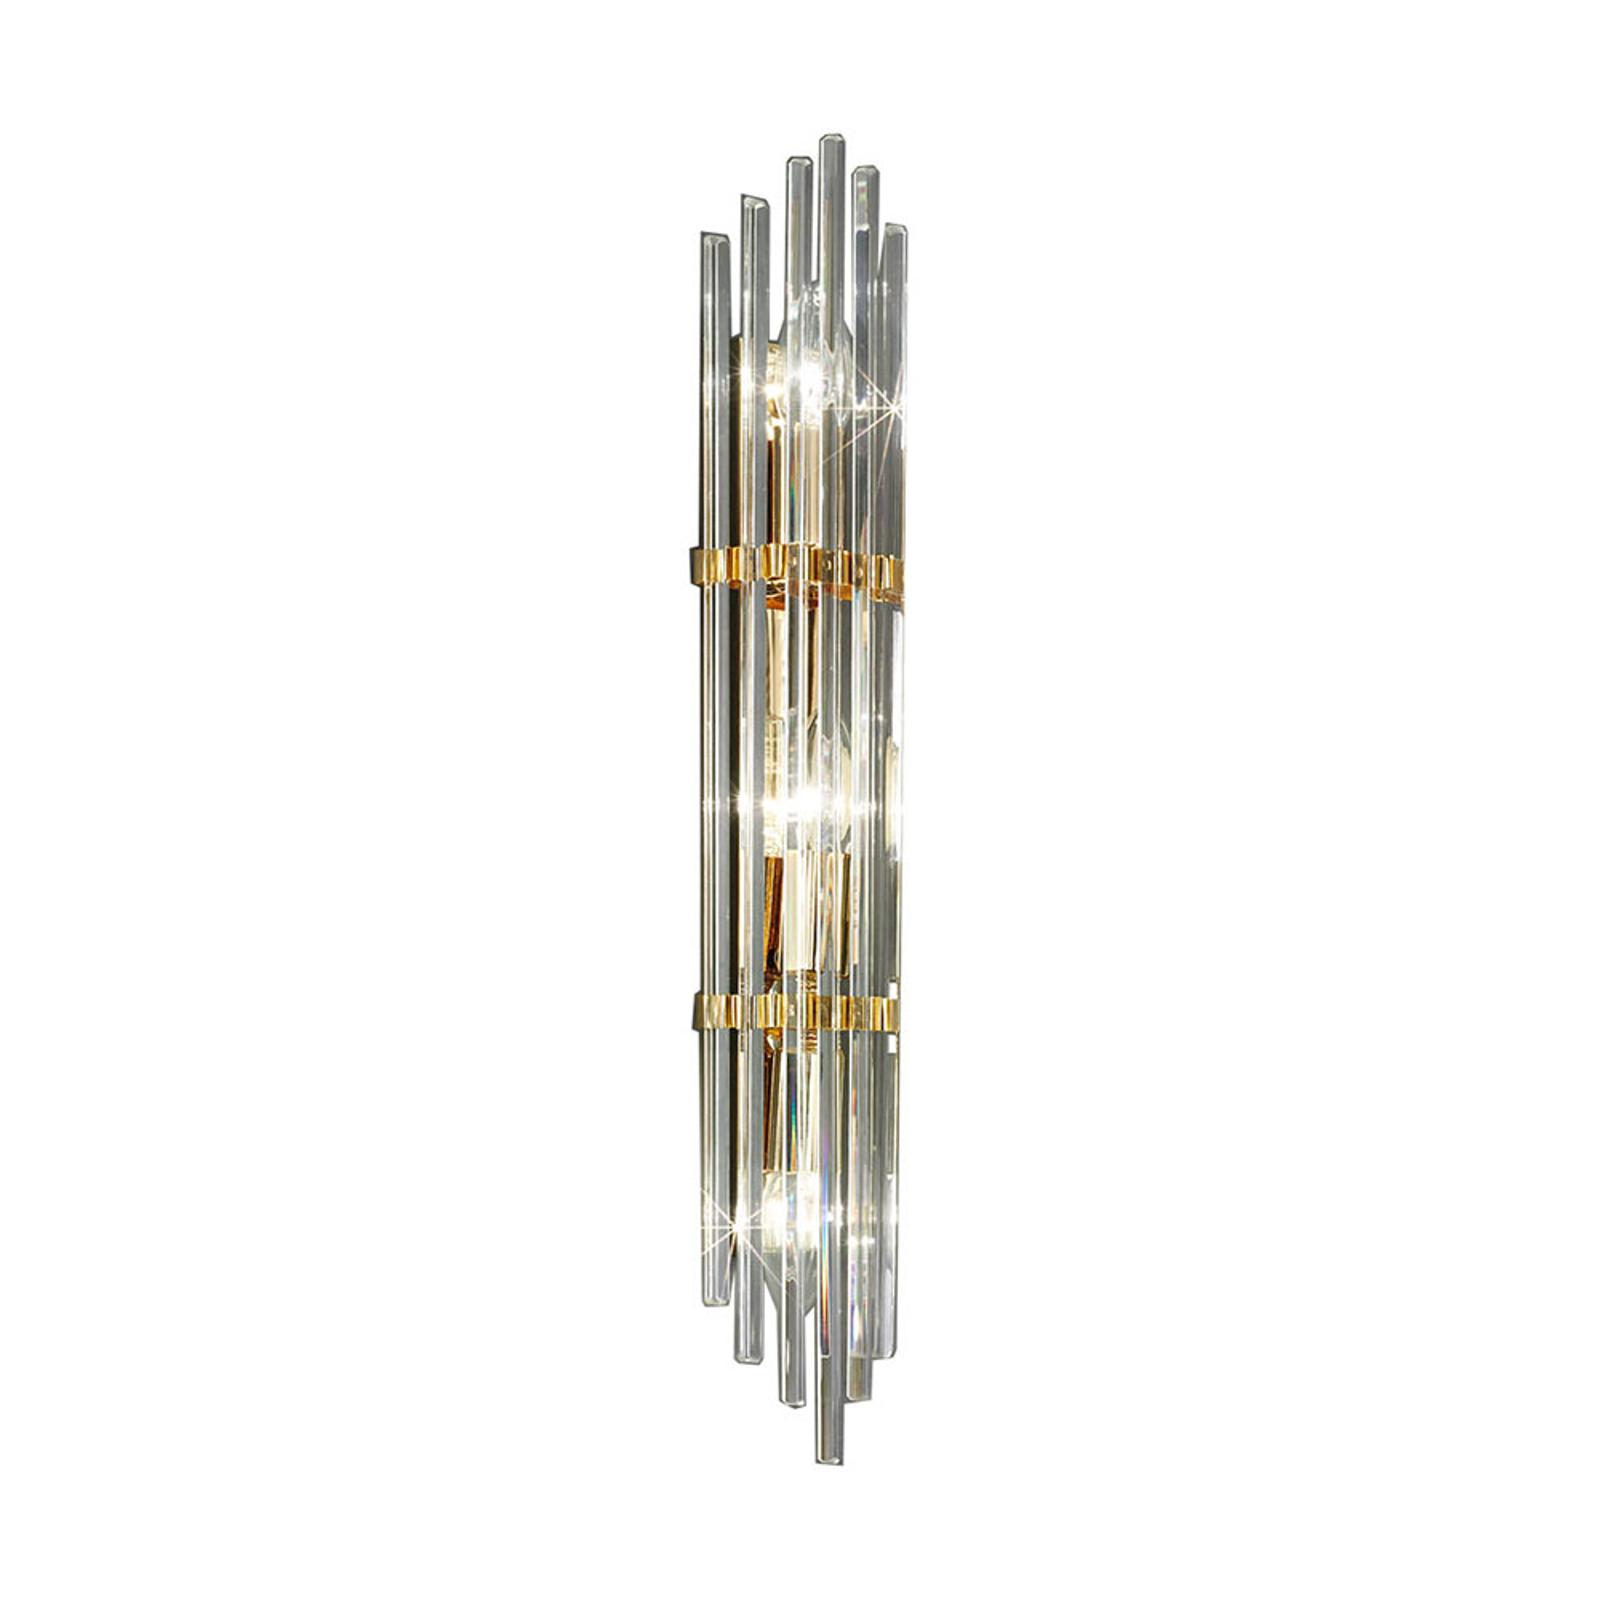 Lampa ścienna Ontario, wysokość 60 cm, złota